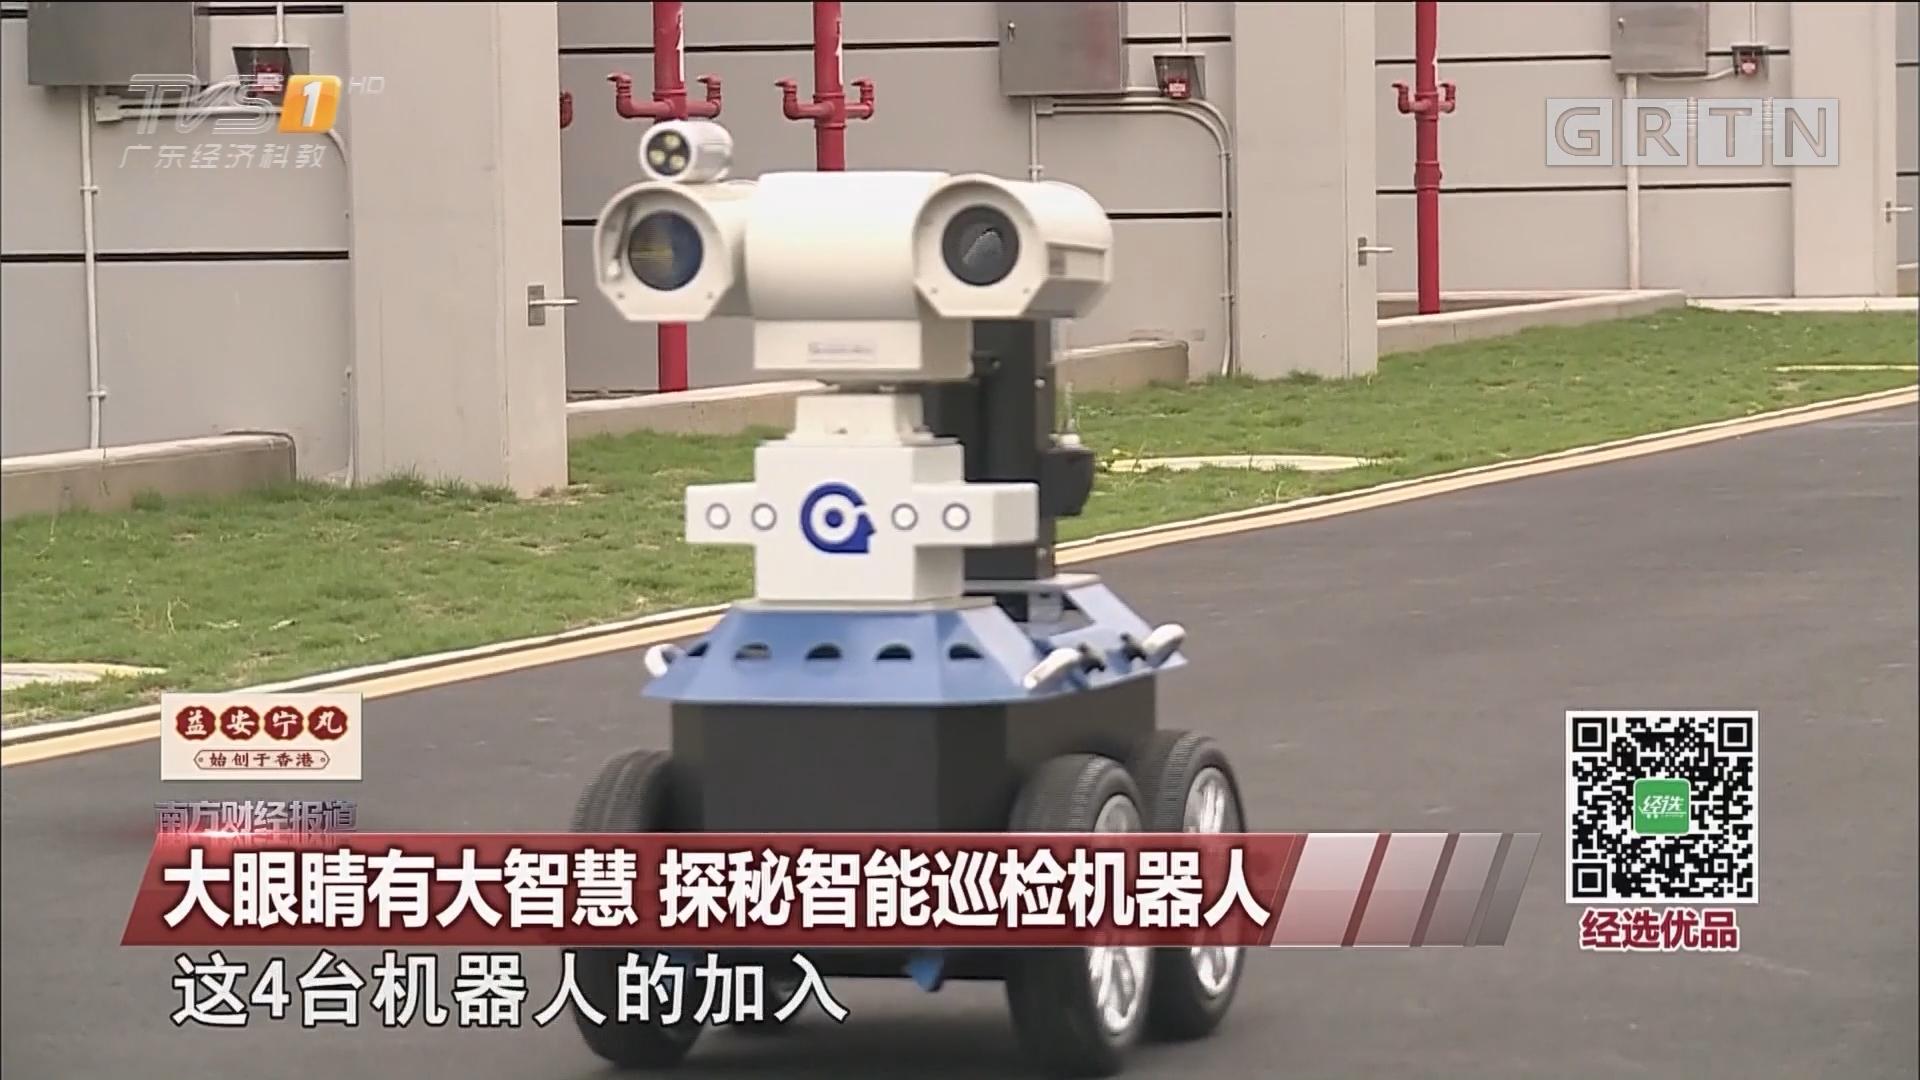 大眼睛有大智慧 探秘智能巡检机器人